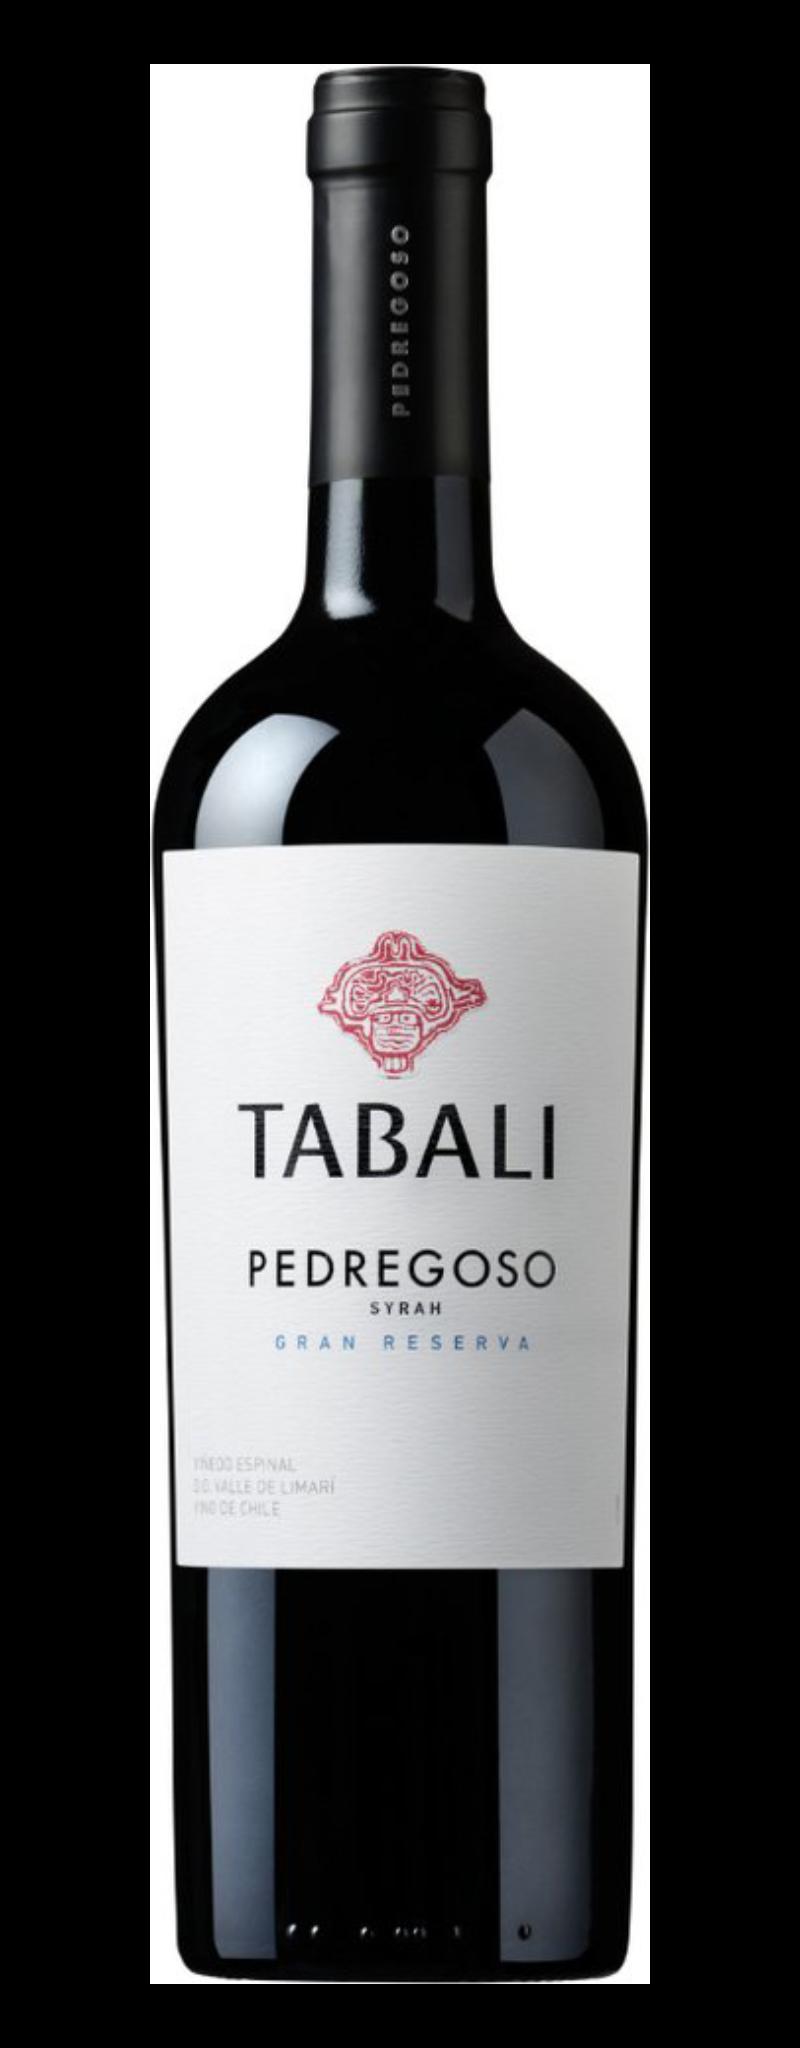 Tabali Pedregoso Syrah Gran Reserva  - 750ml